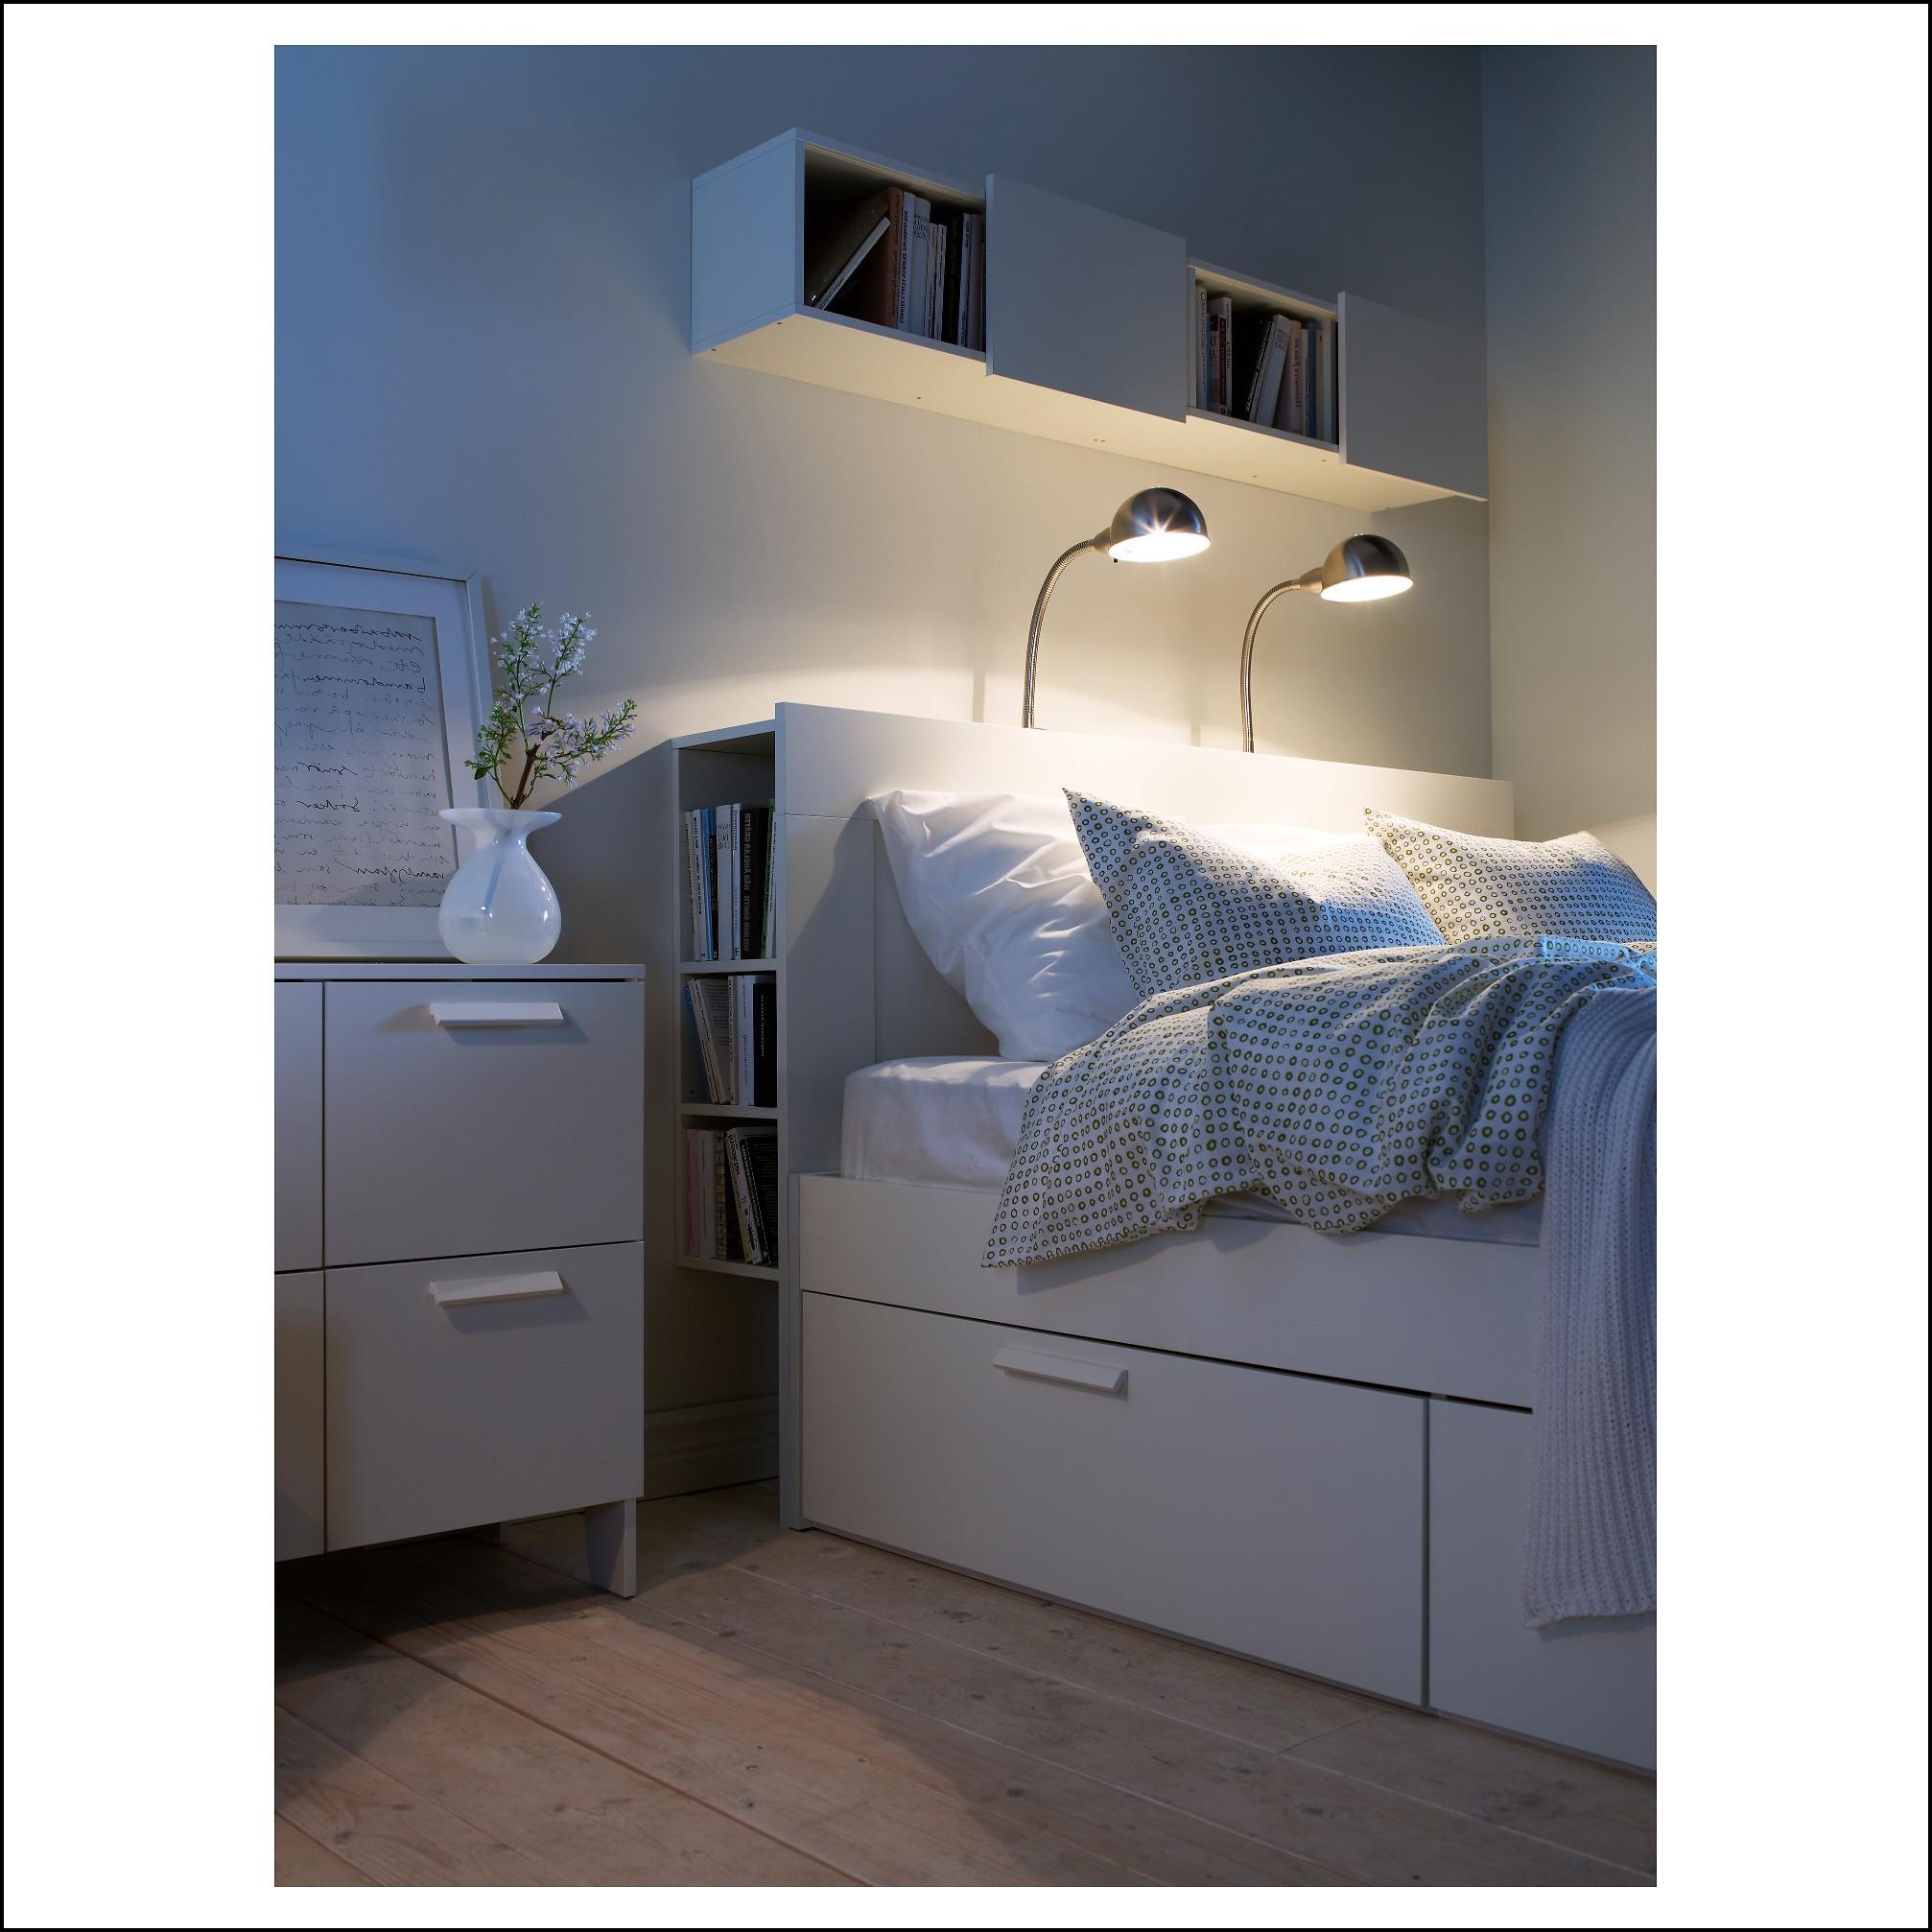 ikea brimnes bett kopfteil betten house und dekor. Black Bedroom Furniture Sets. Home Design Ideas